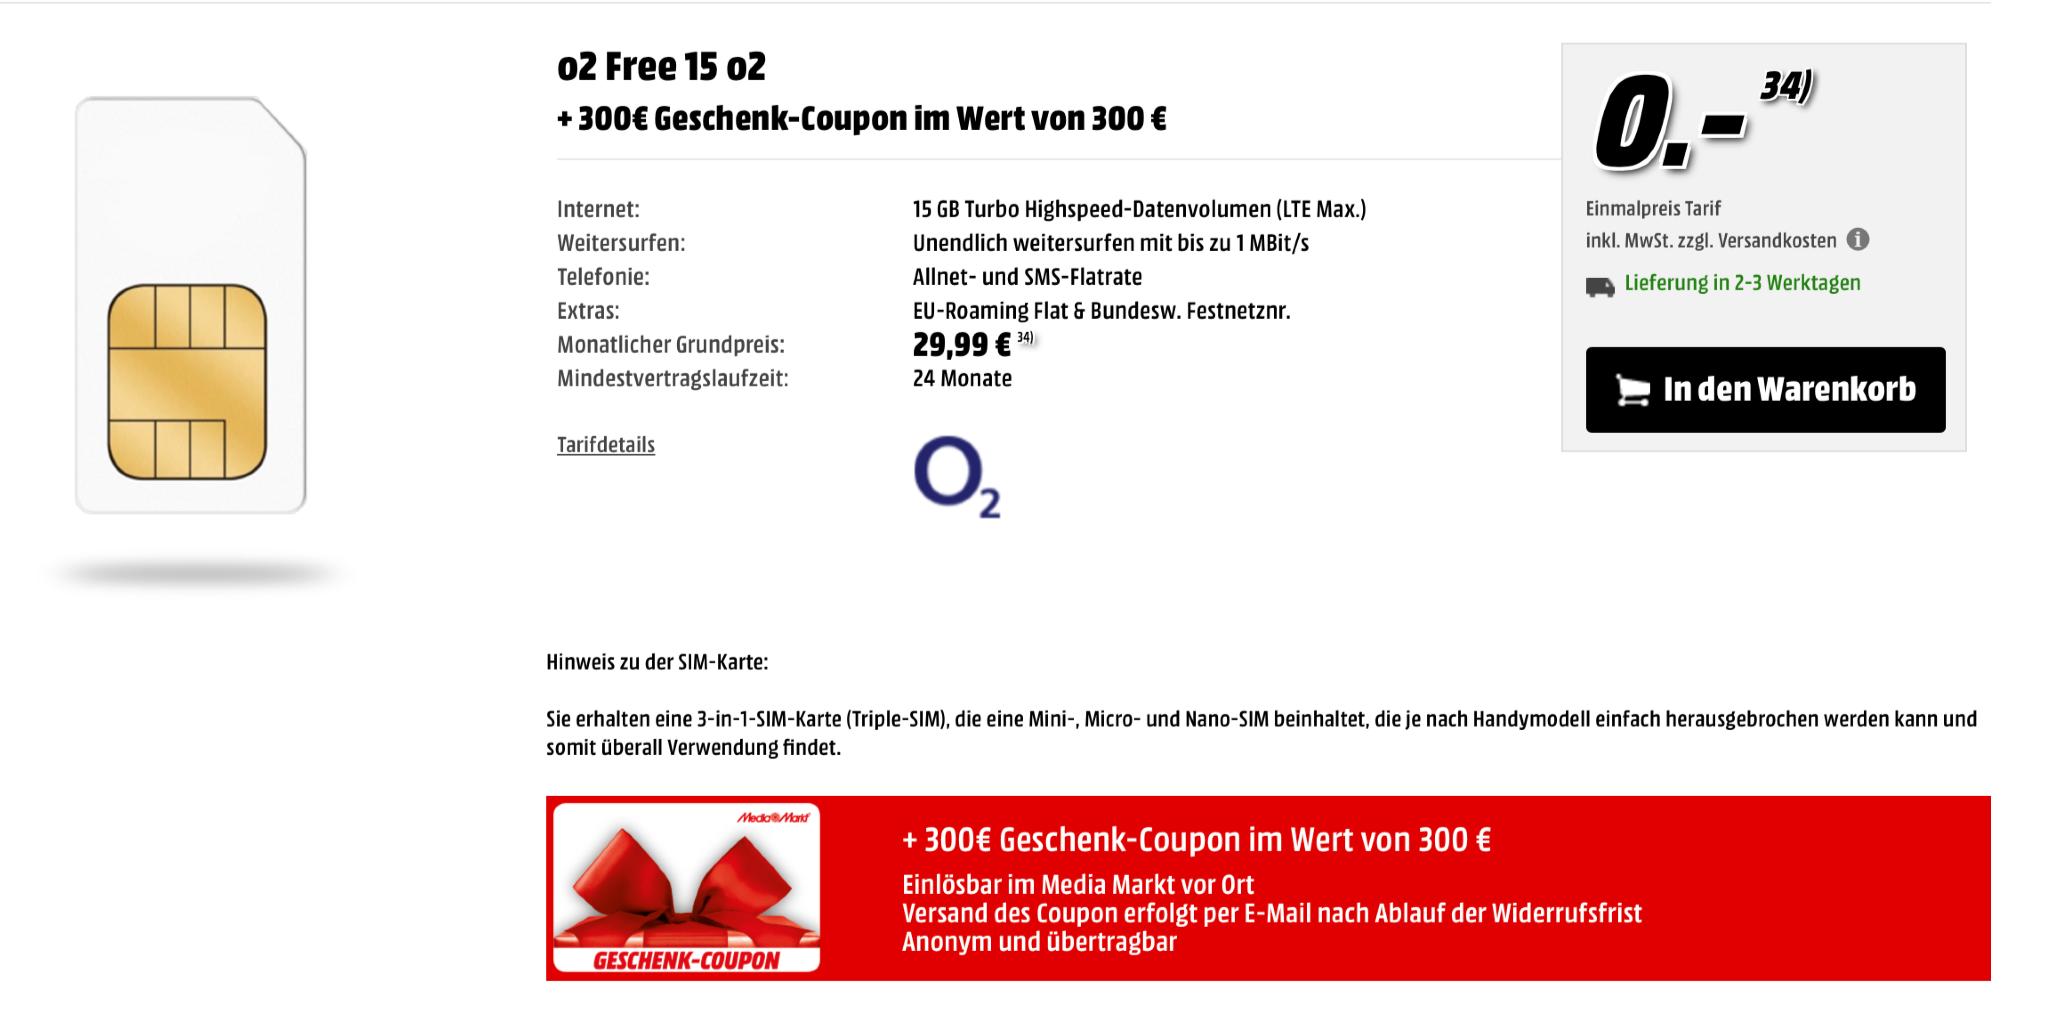 Media Markt Umfrage 750 Euro Gutschein